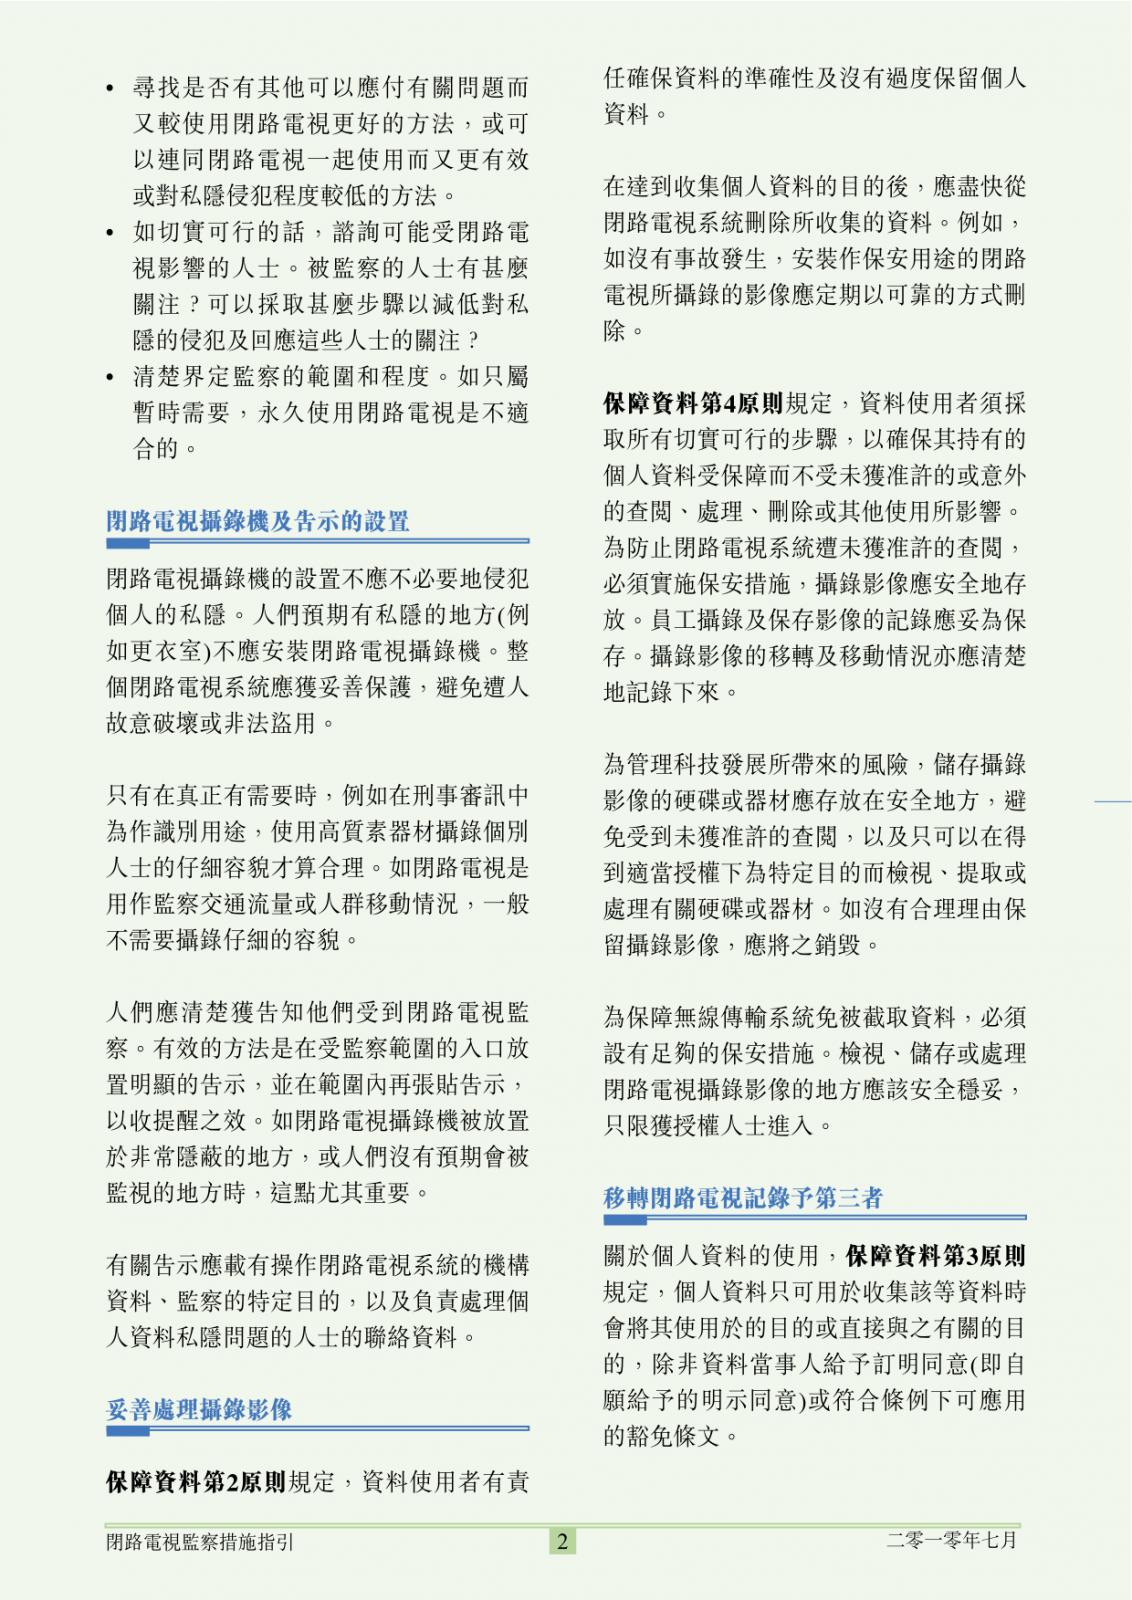 閉路電視監察措施指引2